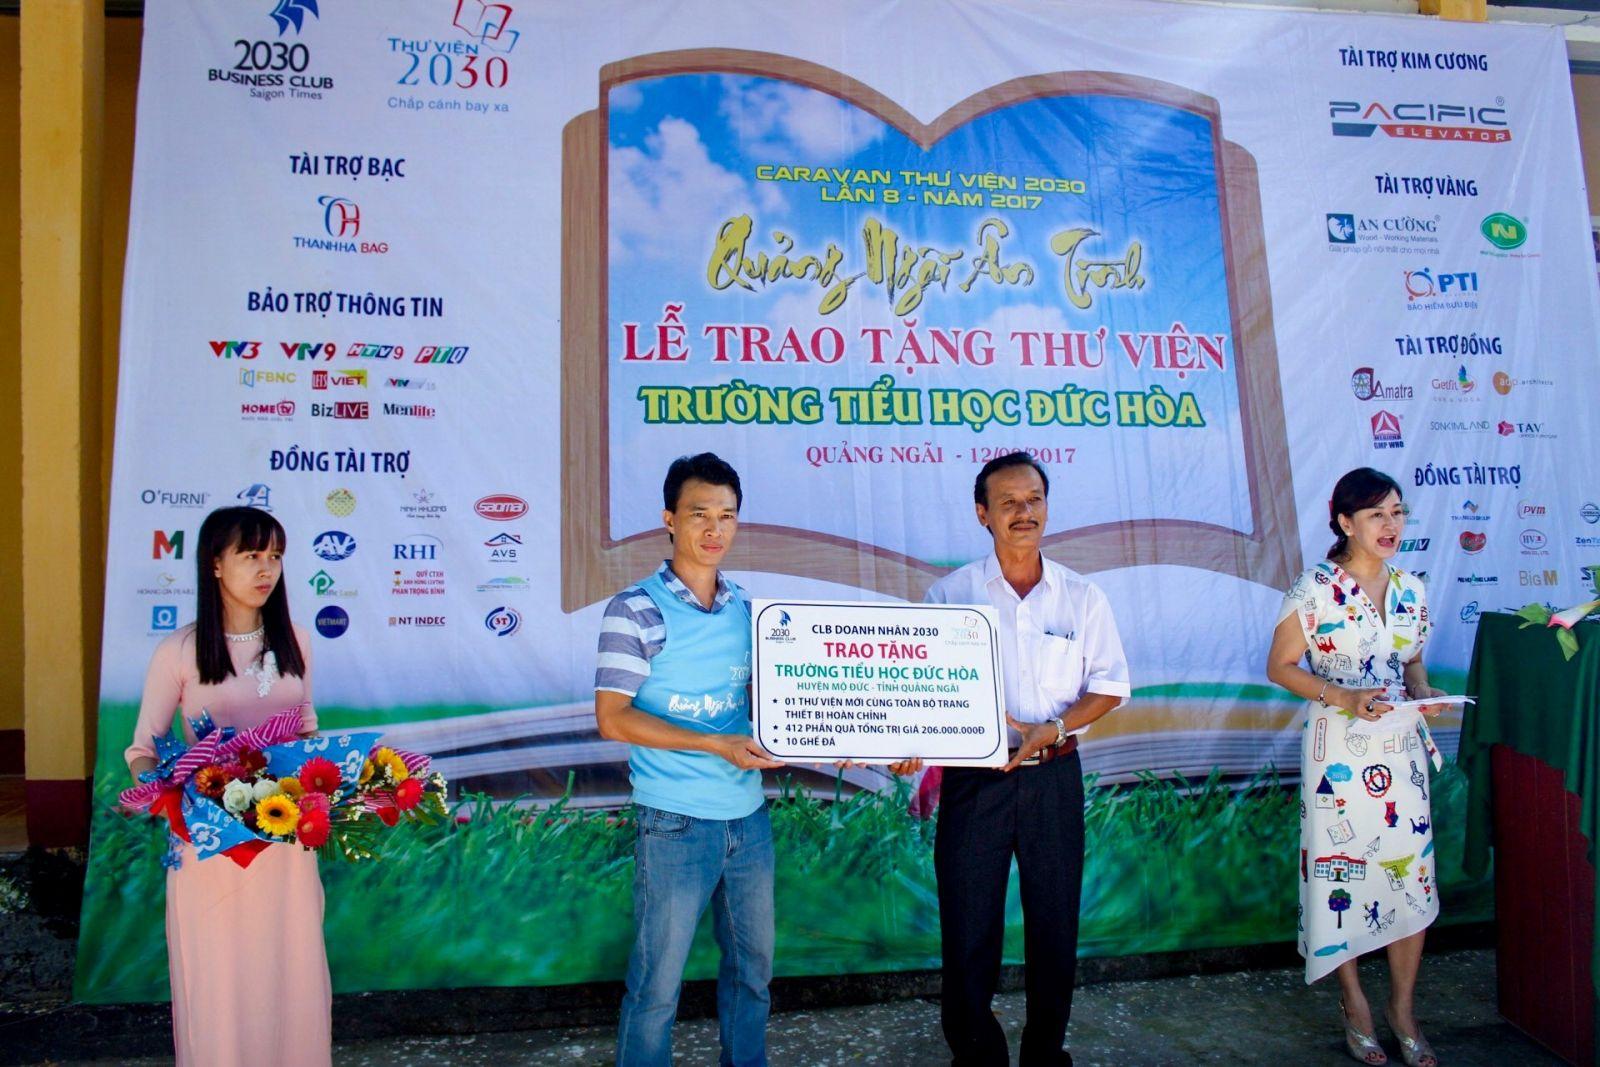 Lễ trao tặng thư viện 2030 cho trường tiểu học Đức Hòa